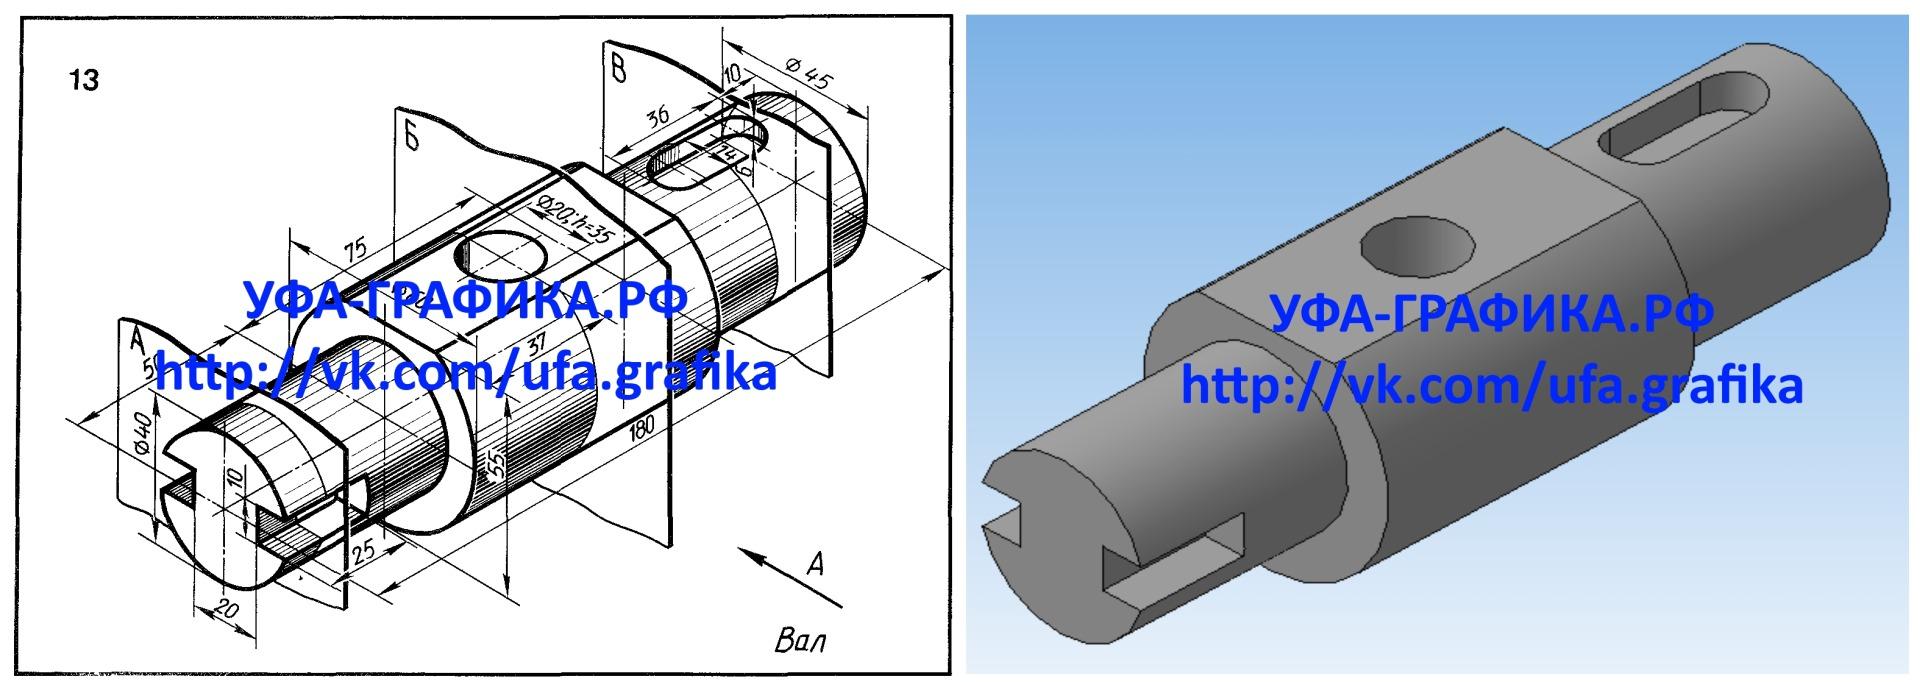 Сечения вала - Вариант 13, чертежи, деталирование, 3Д модели, начертательная геометрия, инженерная графика